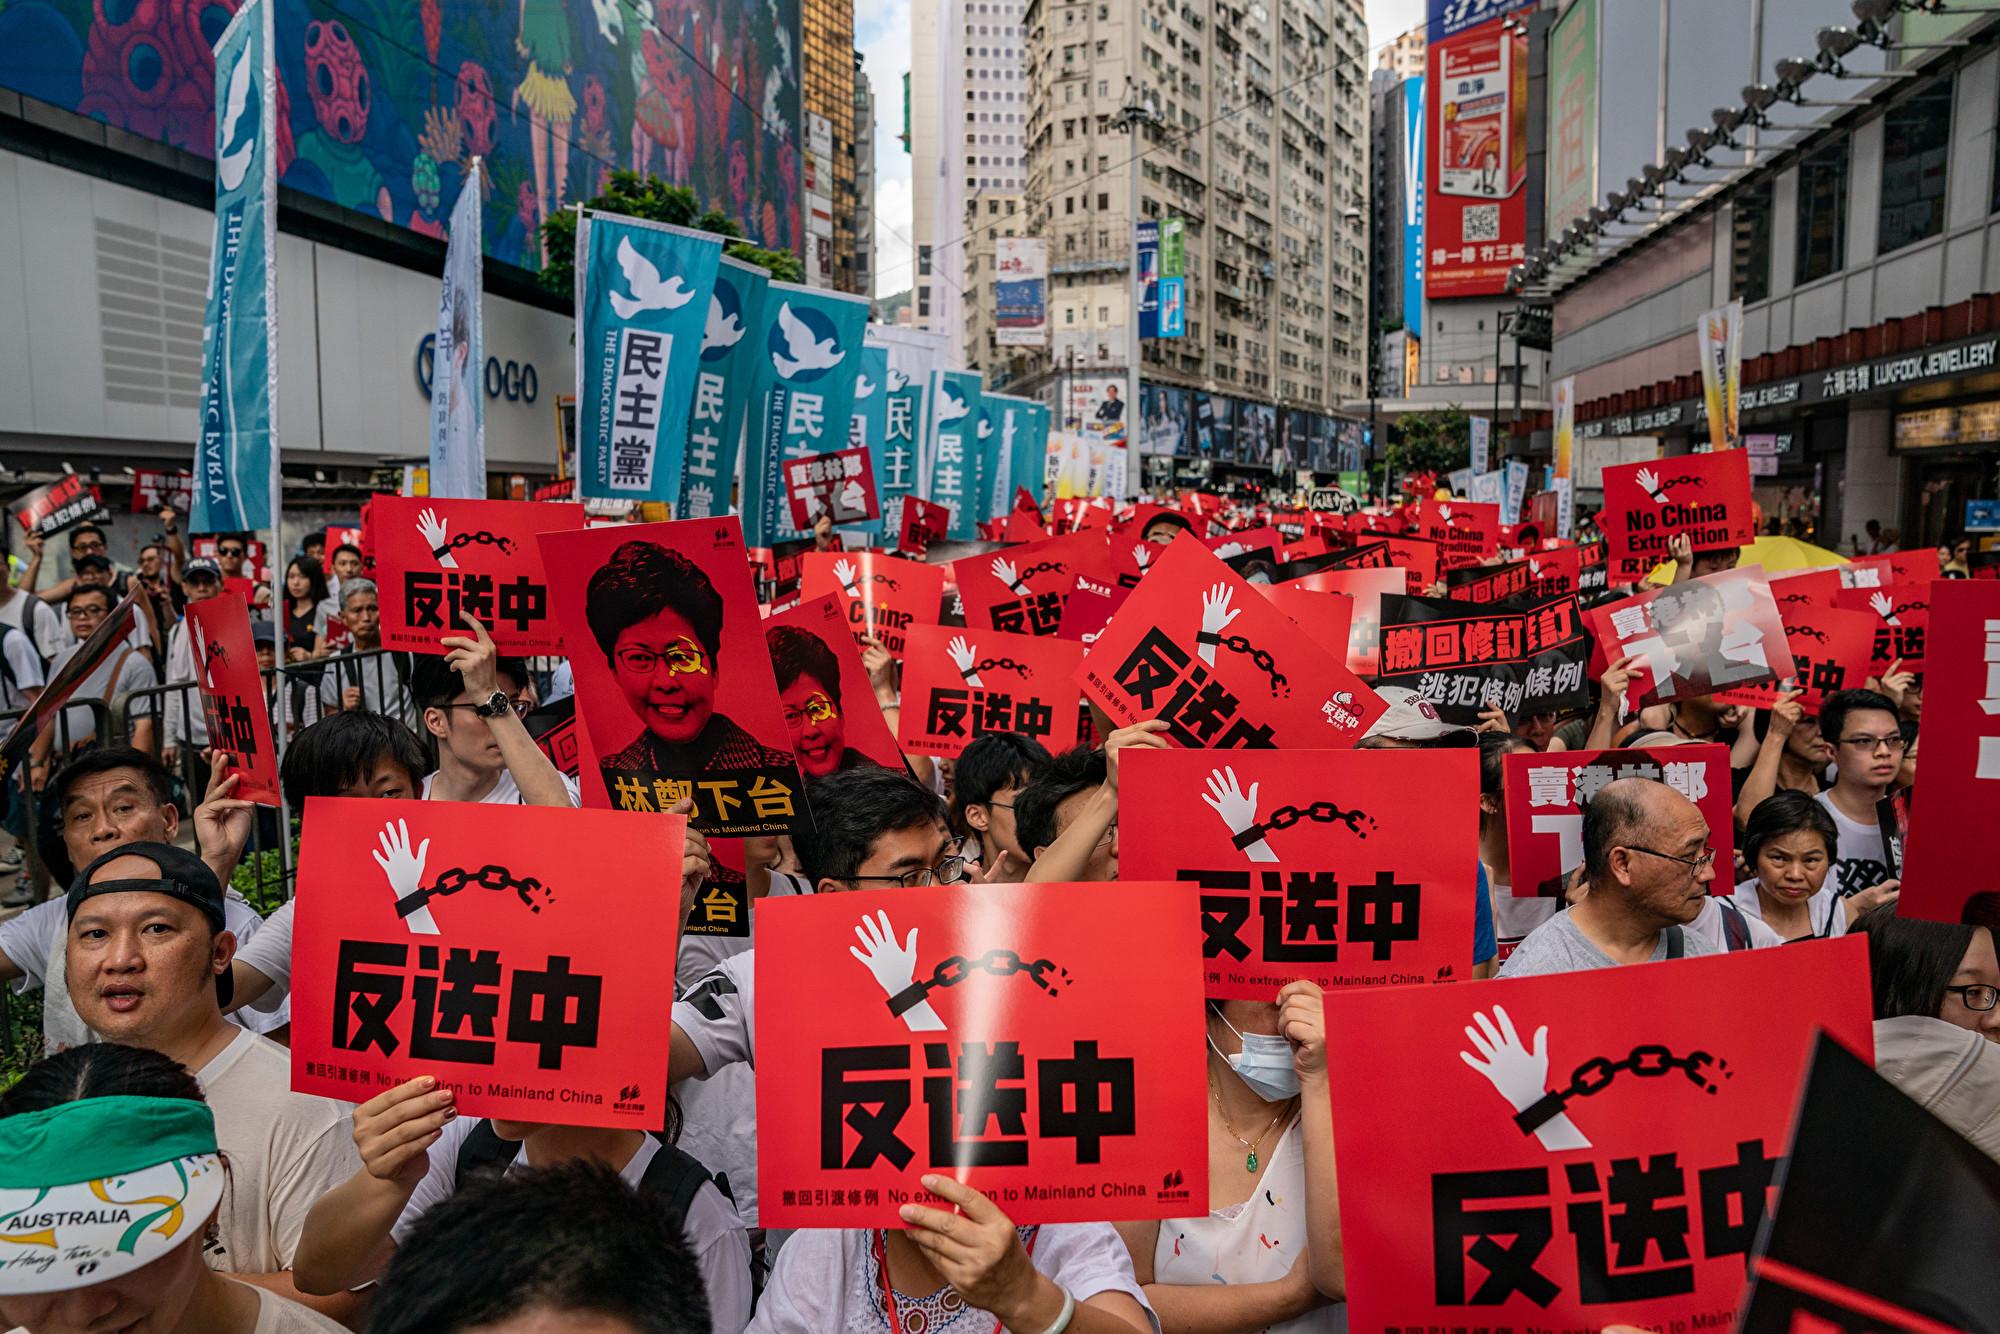 6月9日,香港百萬人上街大遊行「反送中」,即反對港府欲對「引渡條例」立法。(Anthony Kwan/Getty Images)